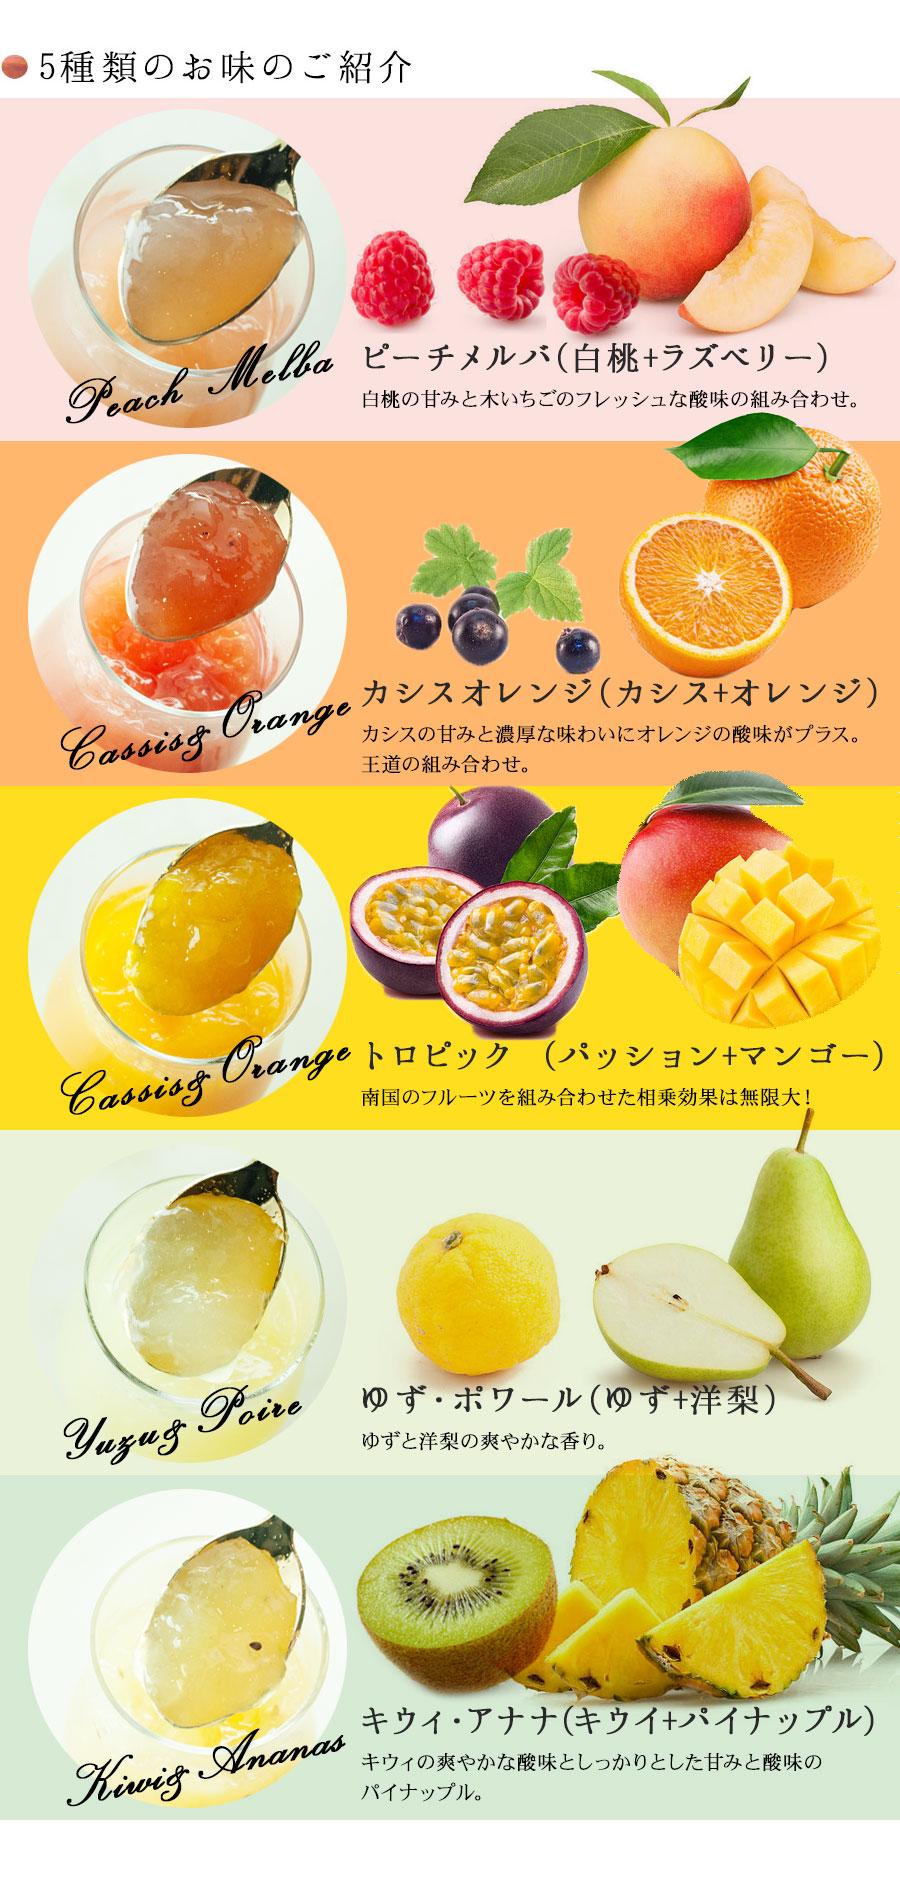 5種類のお味のご紹介